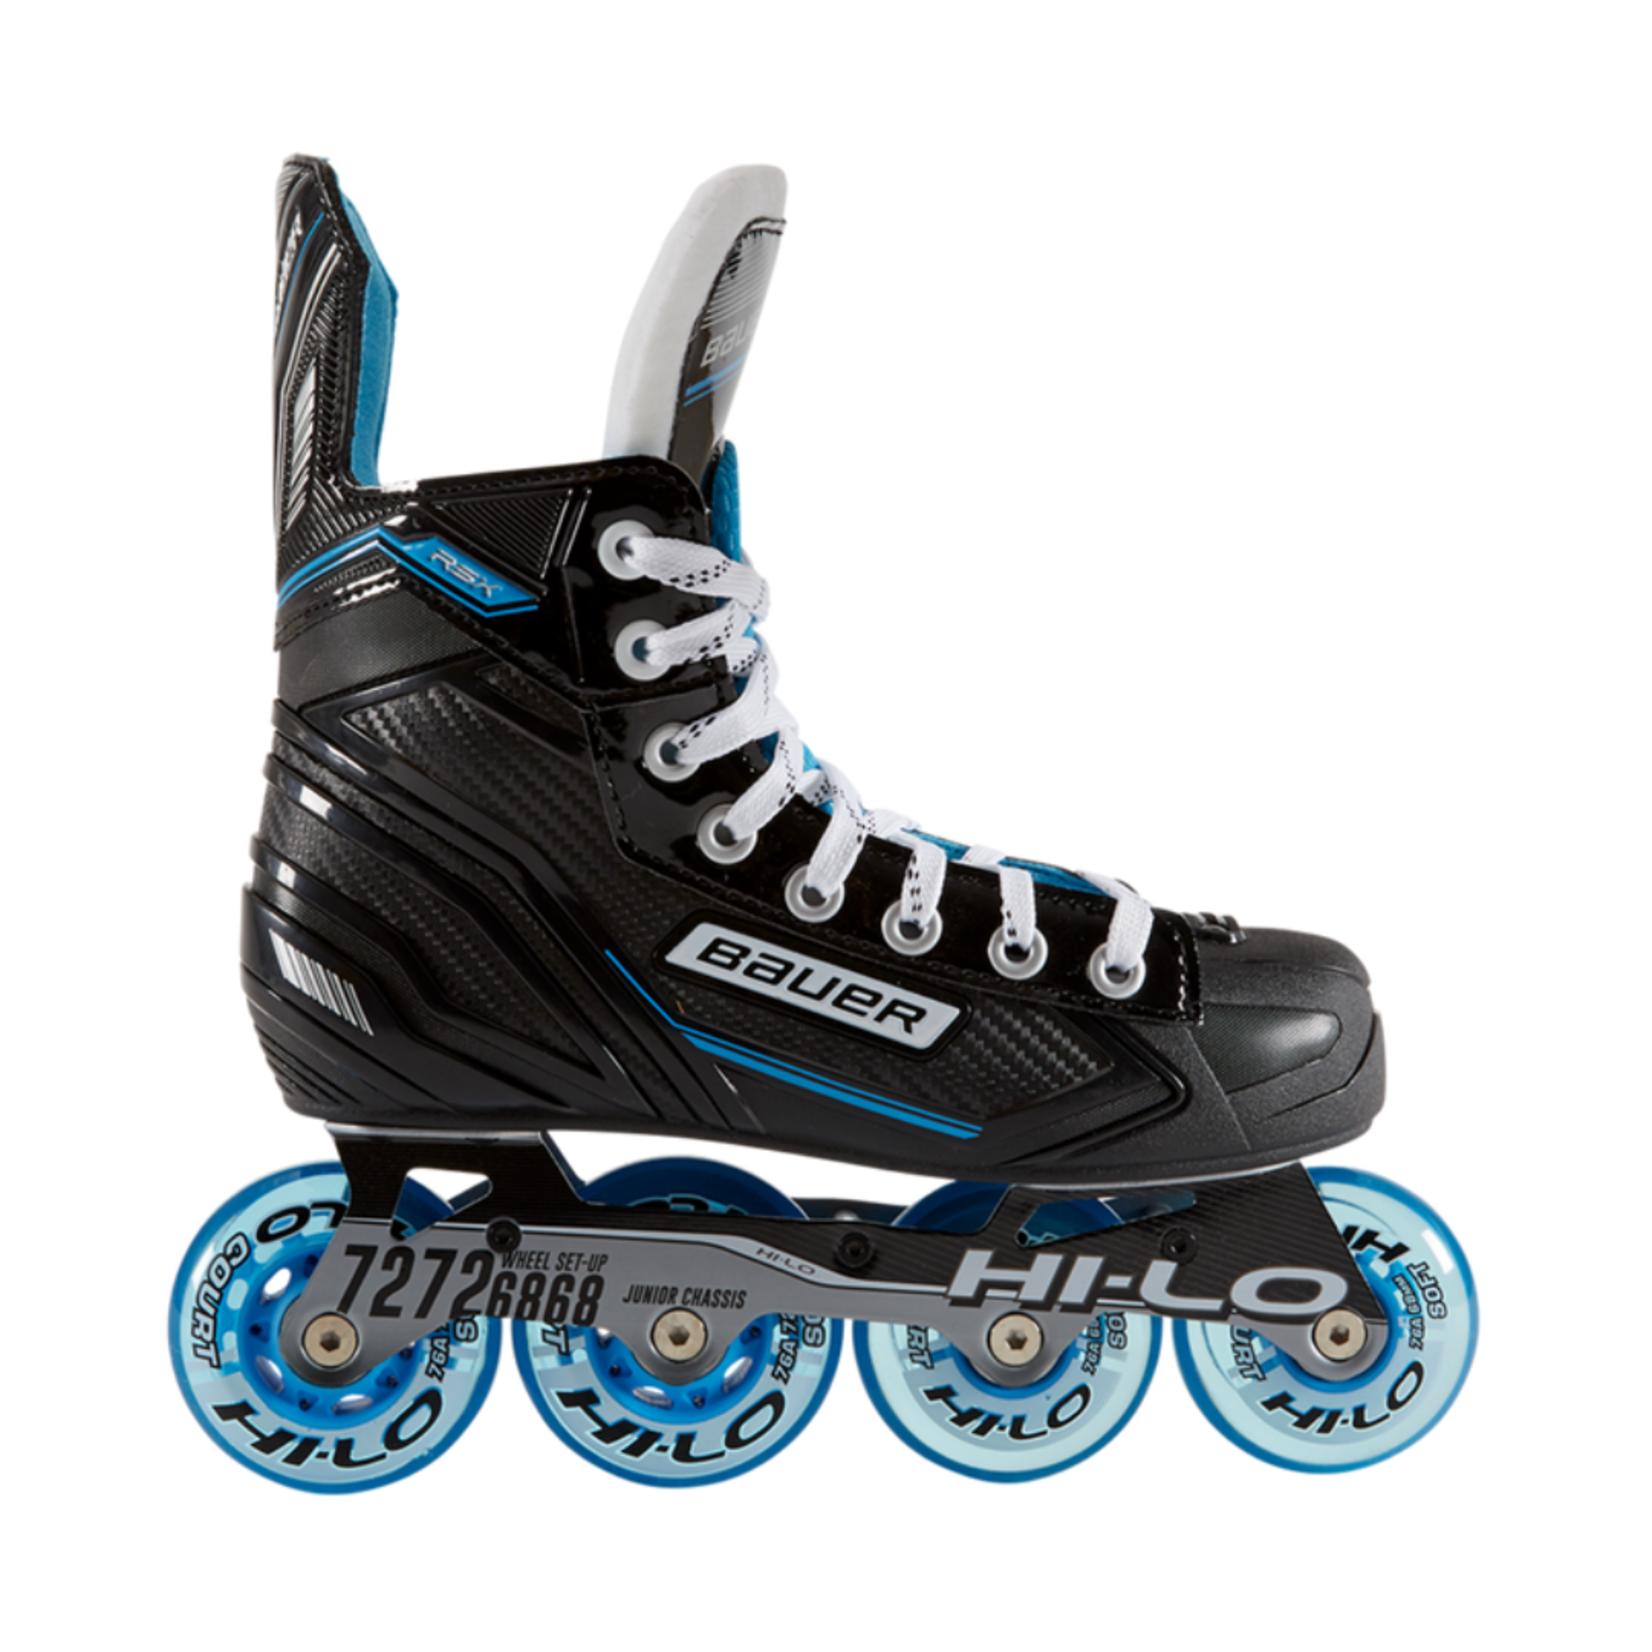 Bauer Bauer RH RSX Skate  JR